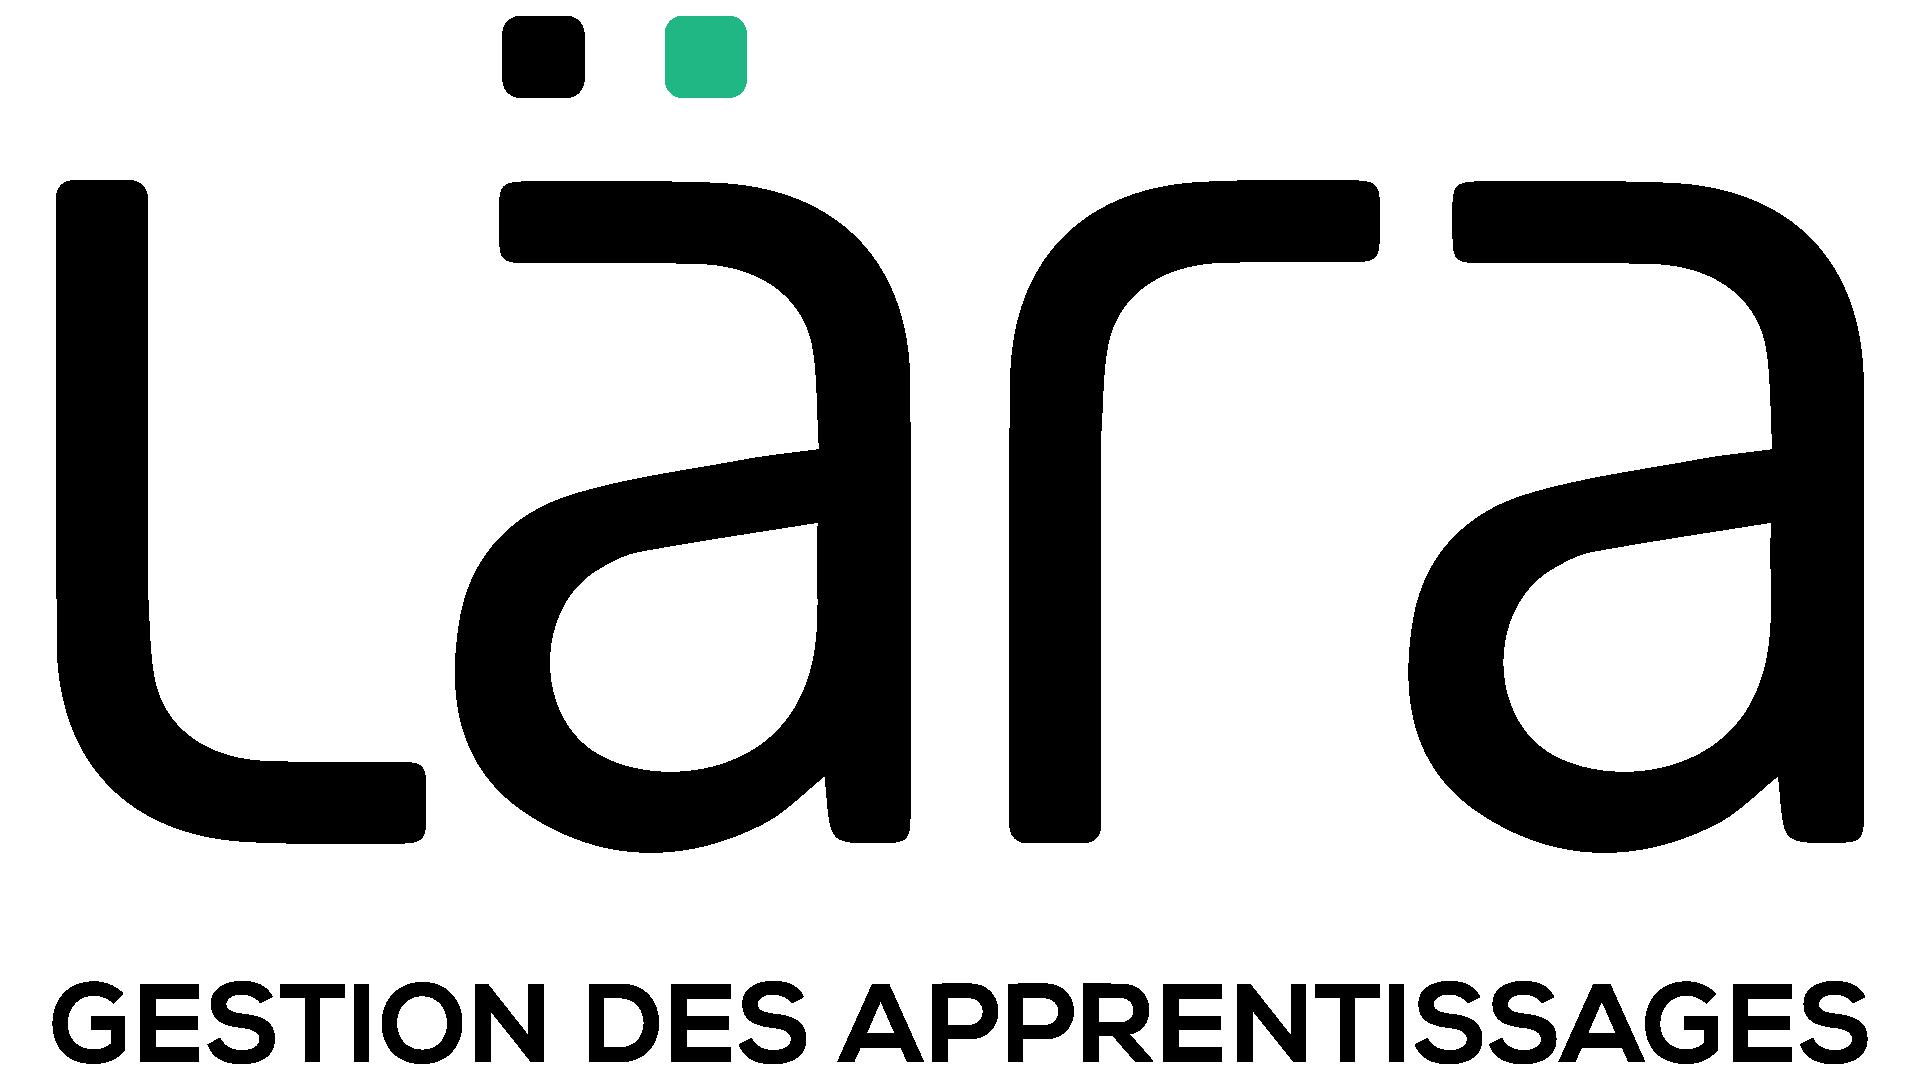 Logo Lära Gestion des apprentissages noir